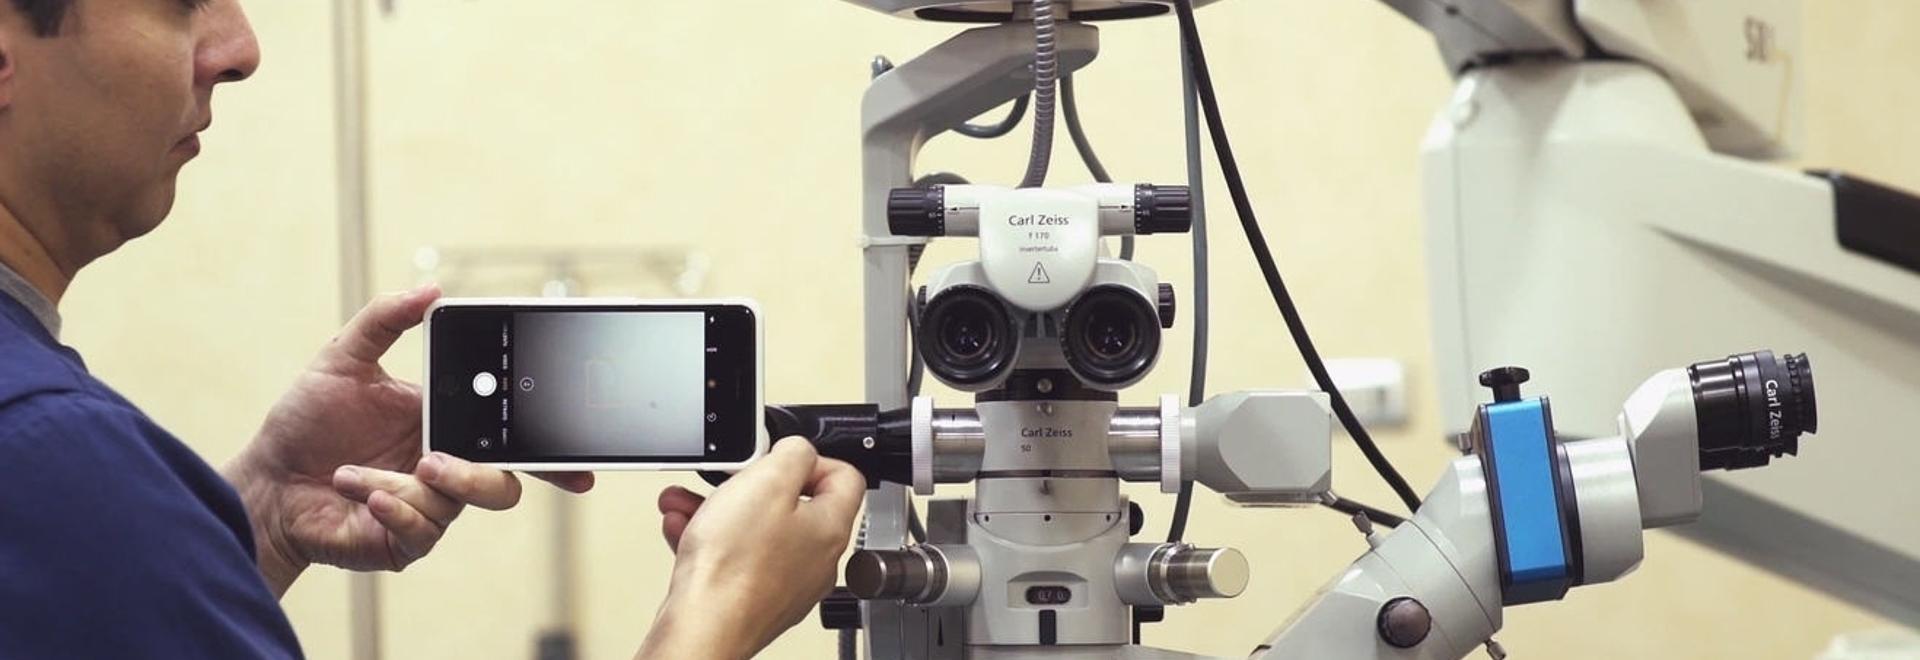 MicroREC es capaz de acoplar cualquier smartphone a la mayoría de los microscopios del mercado y filmar las operaciones microscópicas.